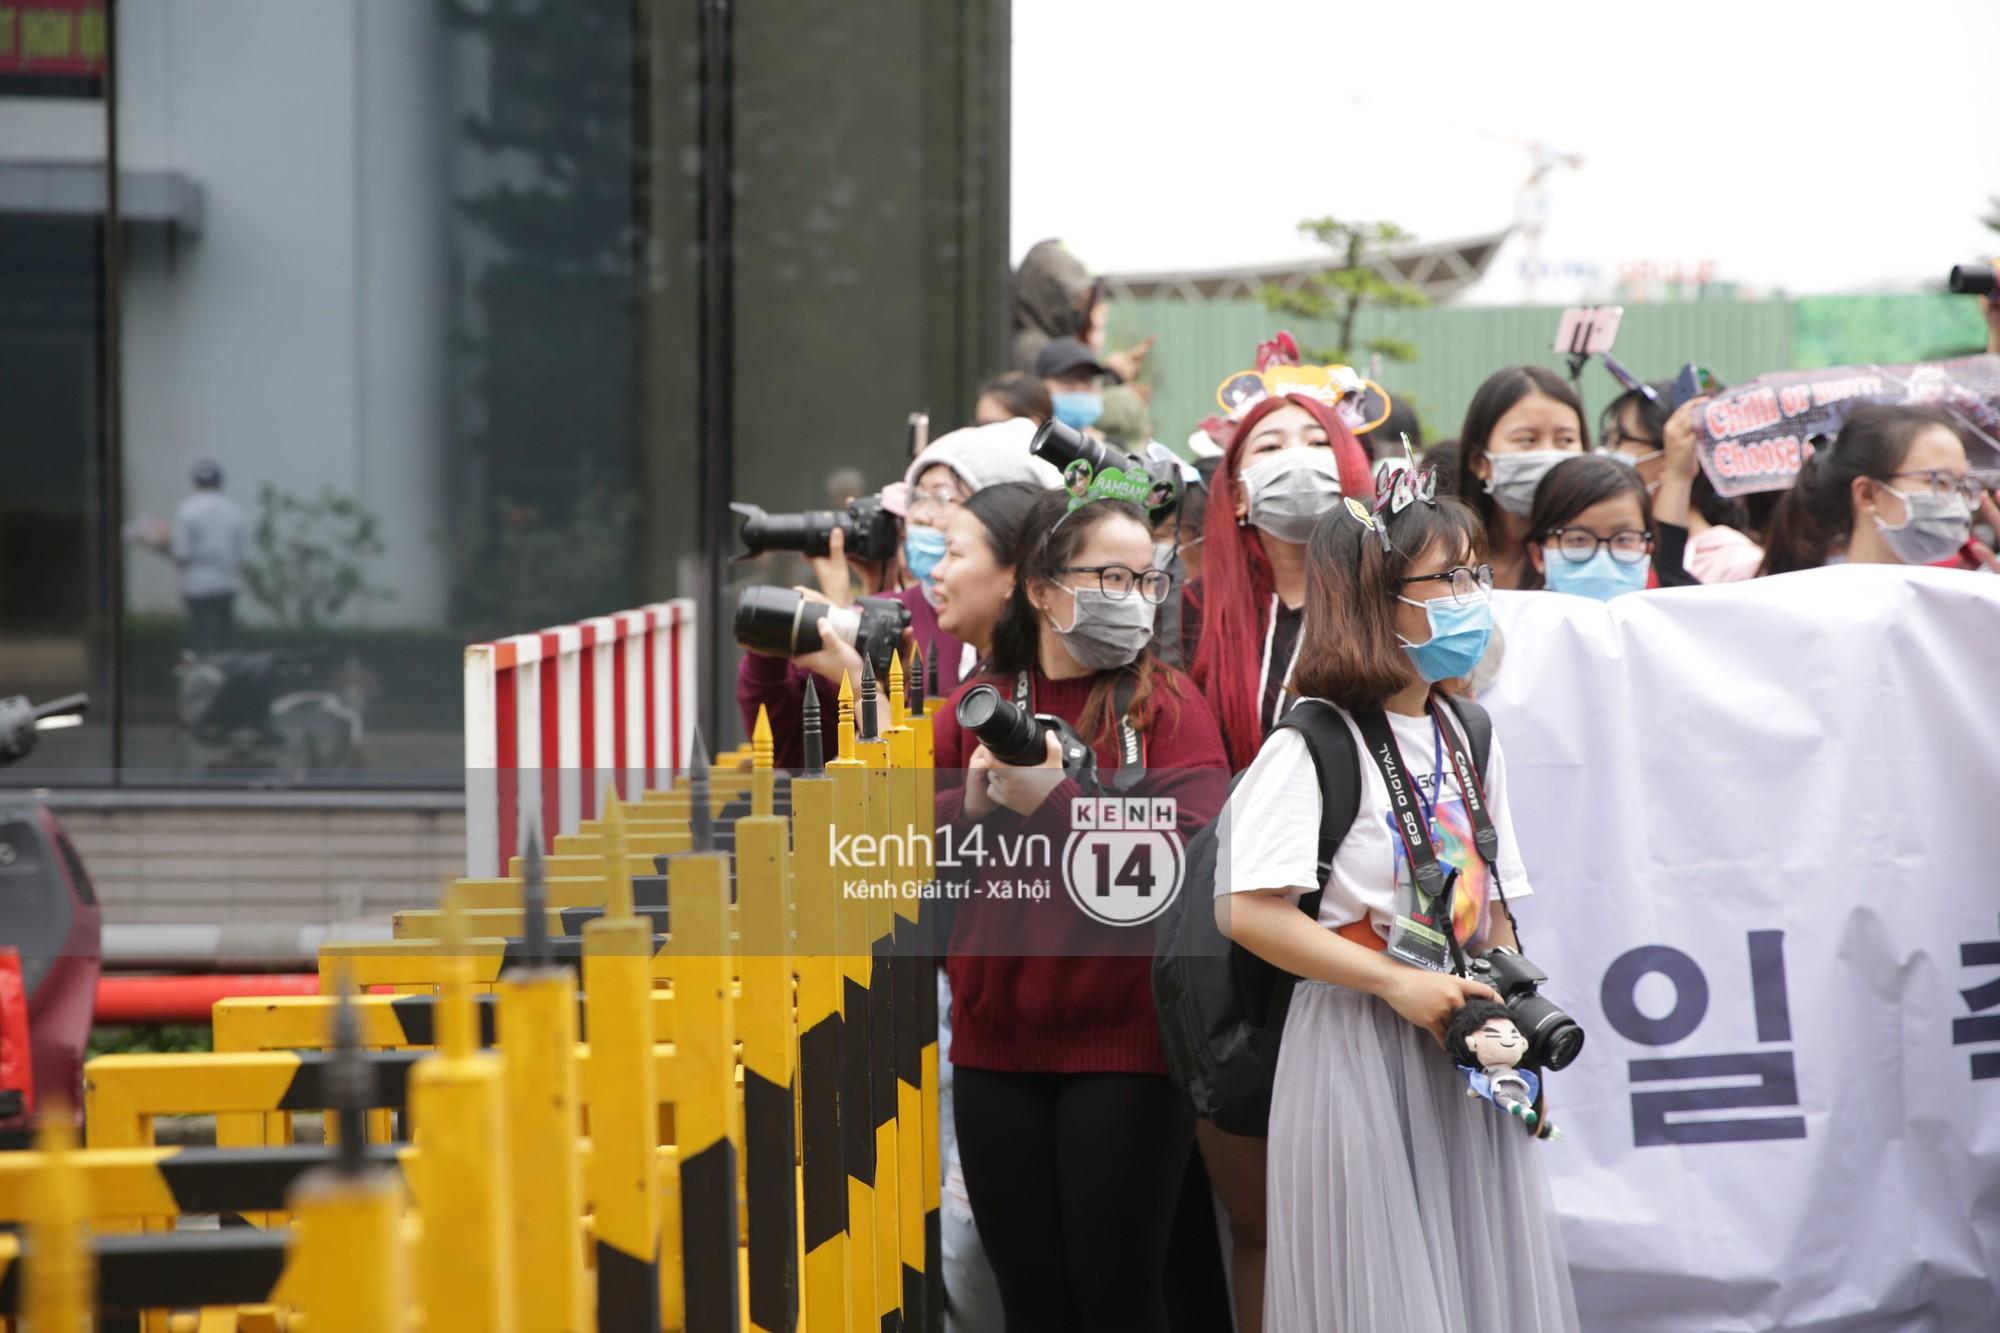 GOT7 cố vẫy chào tại sân bay Tân Sơn Nhất dù trời mưa to, fan Việt gây bất ngờ khi giữ thành hàng ngay ngắn chờ thần tượng - Ảnh 25.